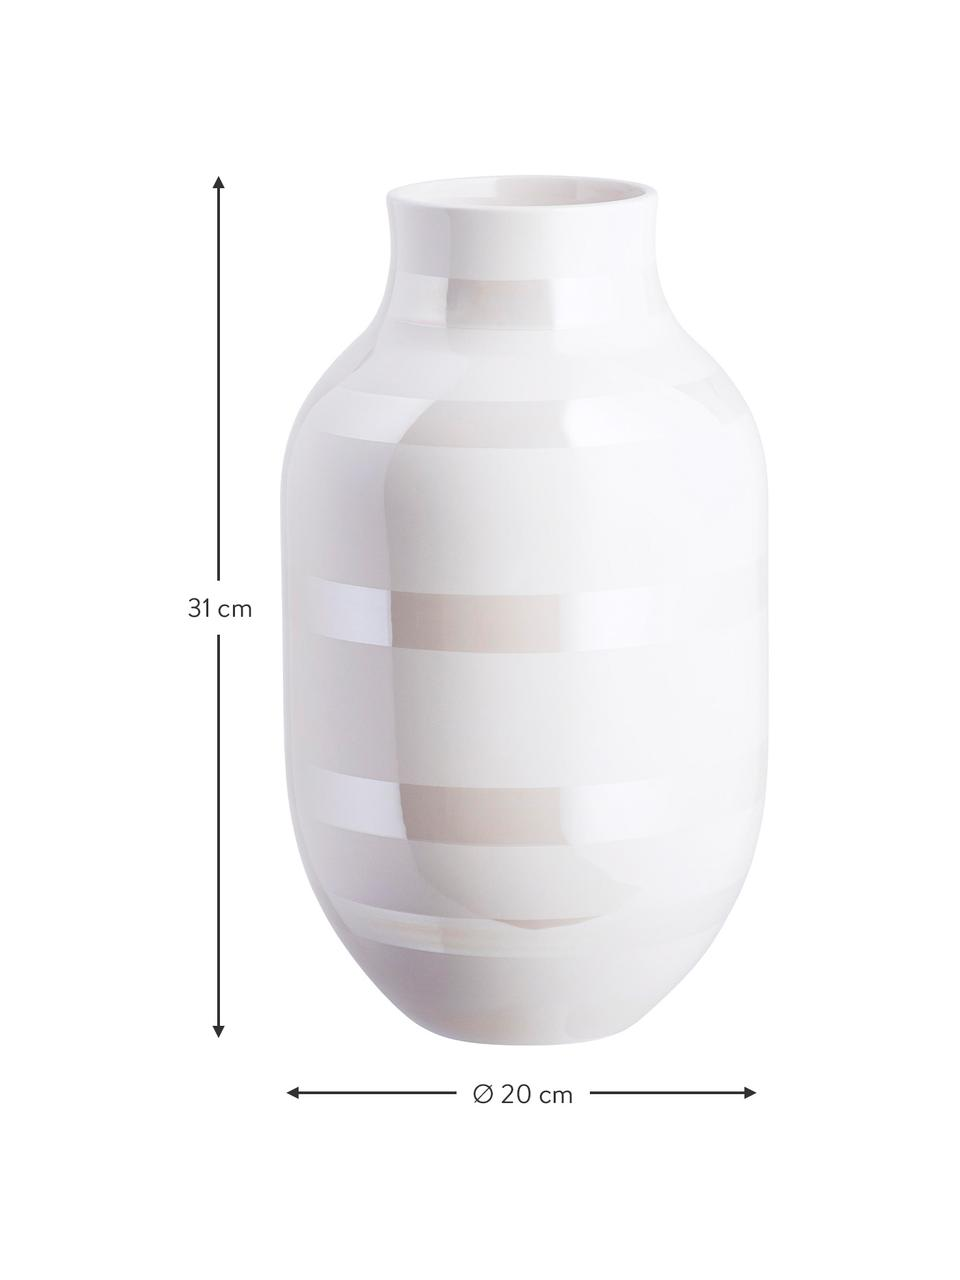 Große handgefertigte Design-Vase Omaggio, Keramik, Weiß, Perlmuttfarben, Ø 20 x H 31 cm